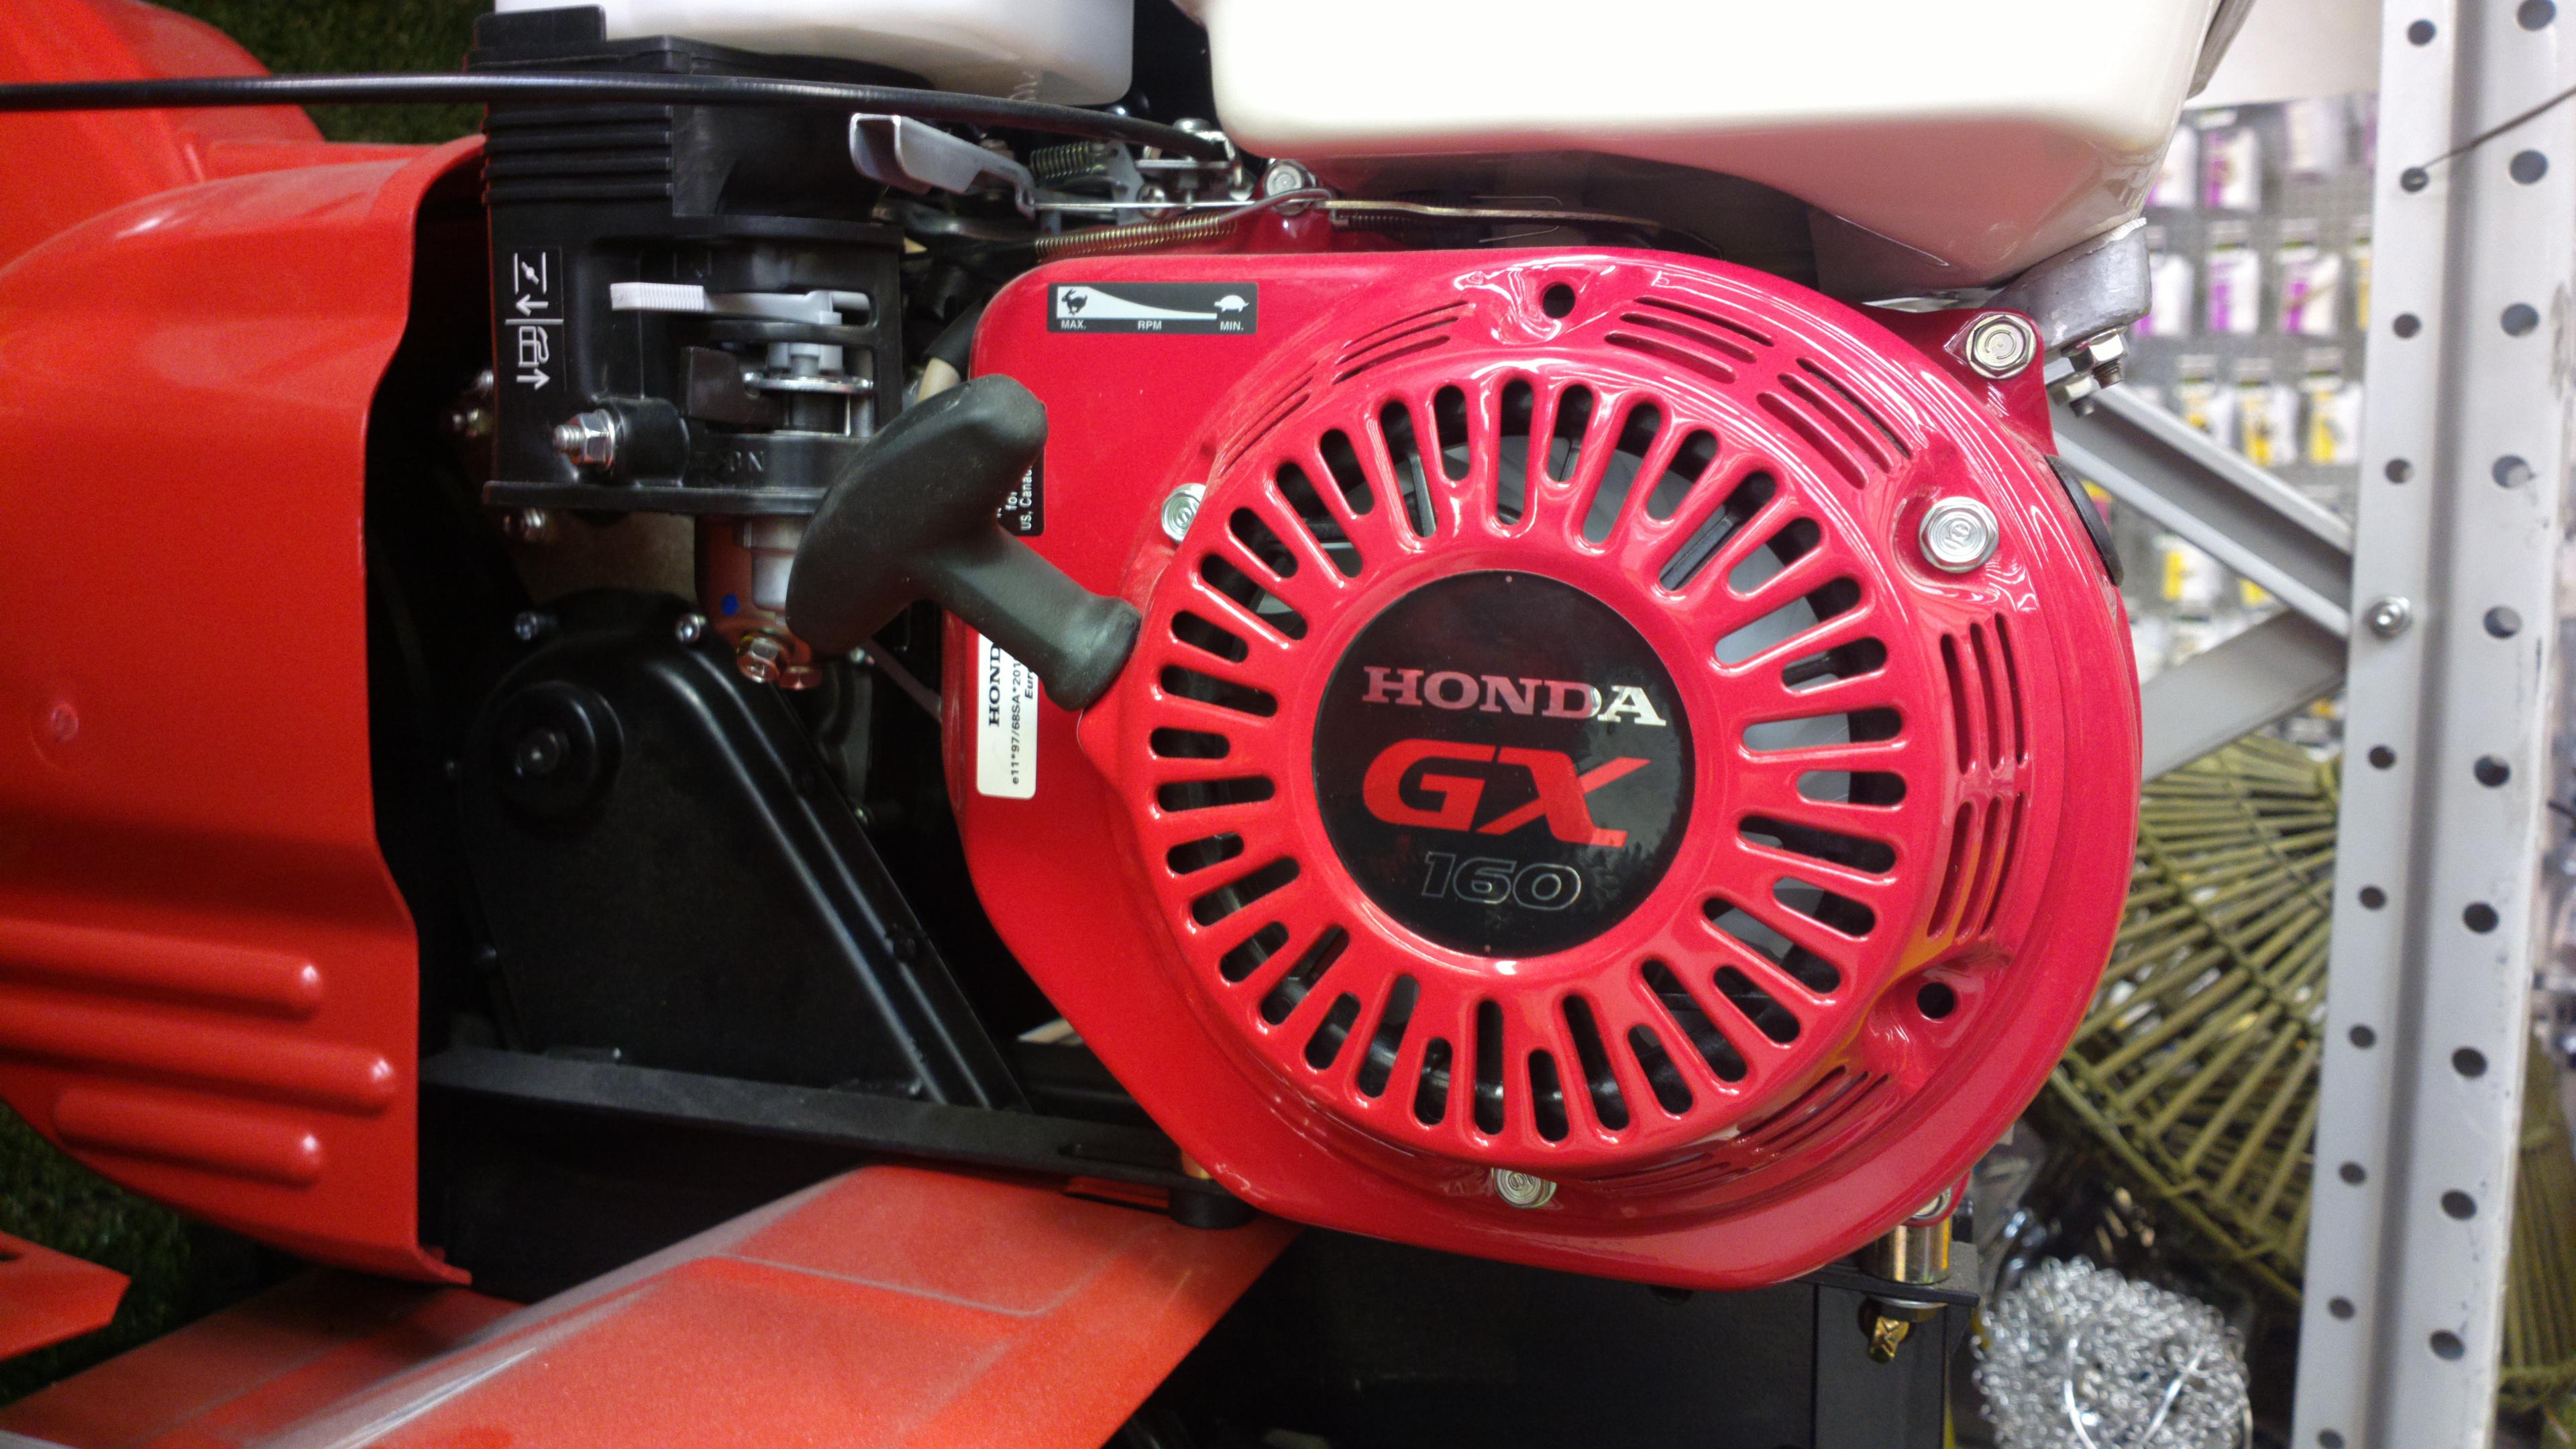 Kelebihan Honda Gx Harga